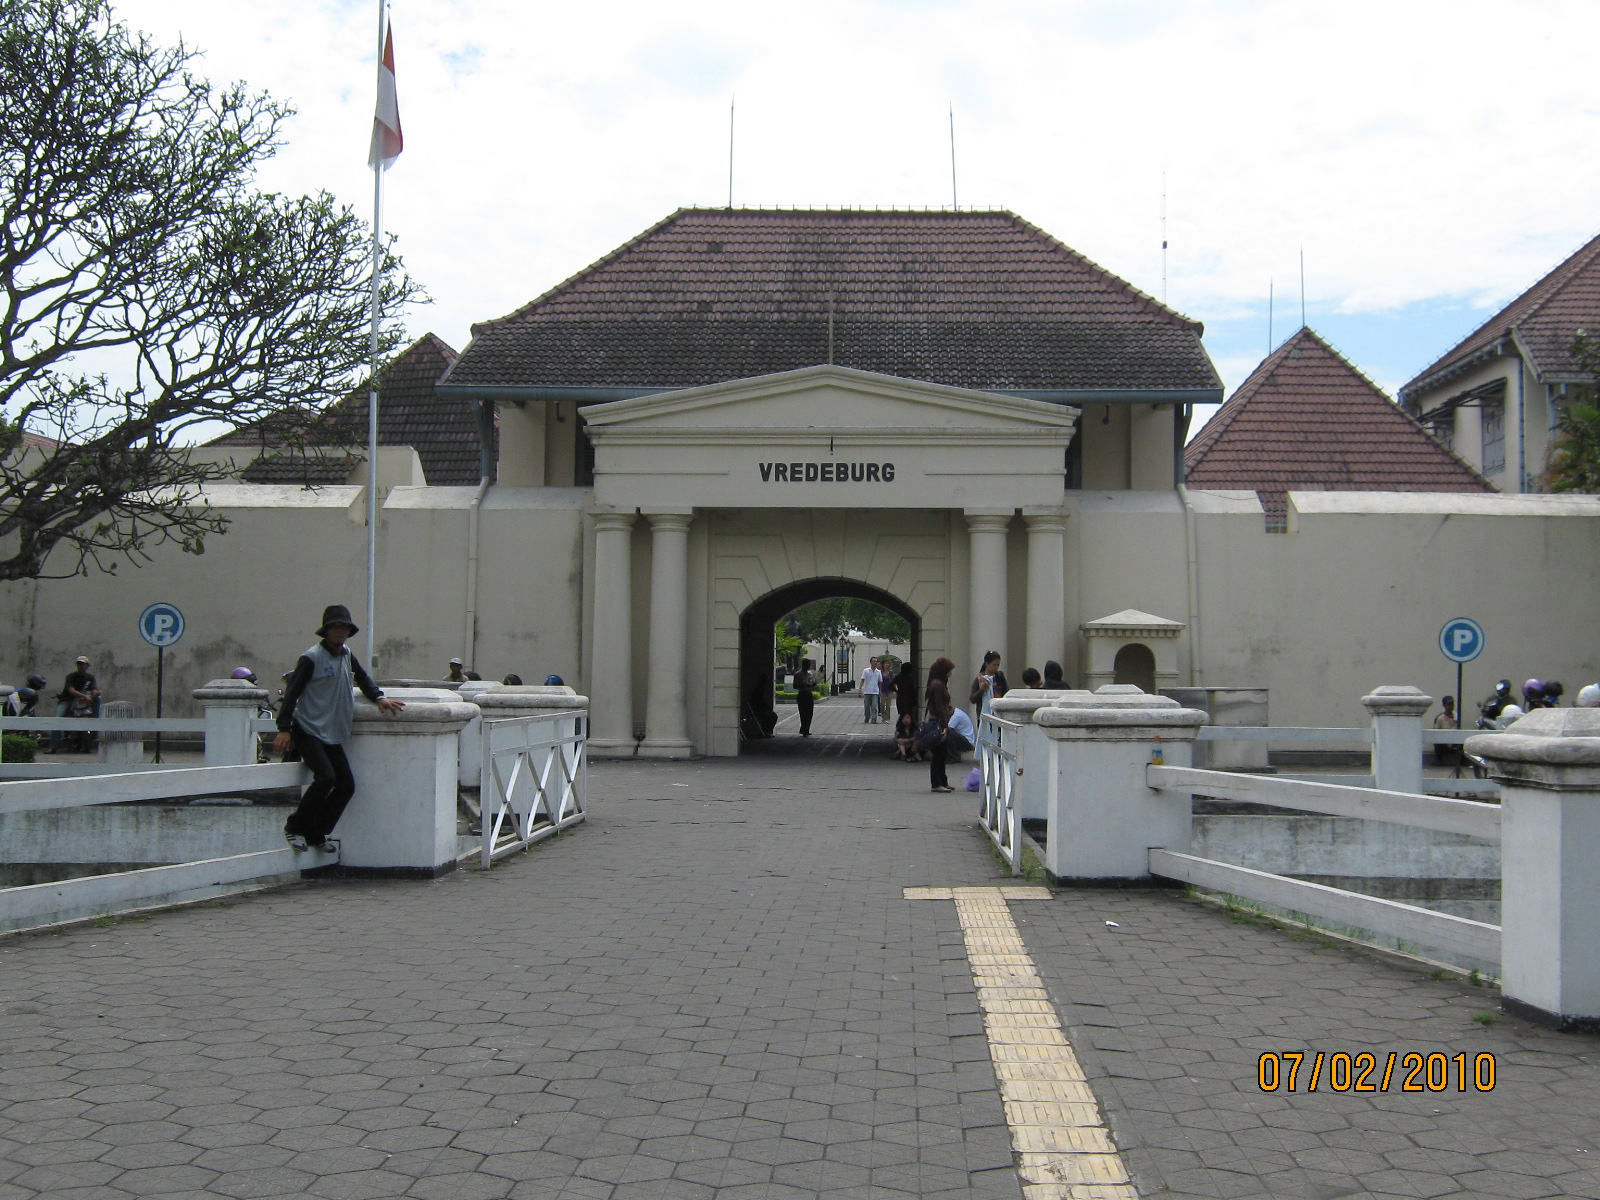 Museum Benteng Vredeburg Jogjakarta Tanah Kavling Perumahan Kota Yogyakarta